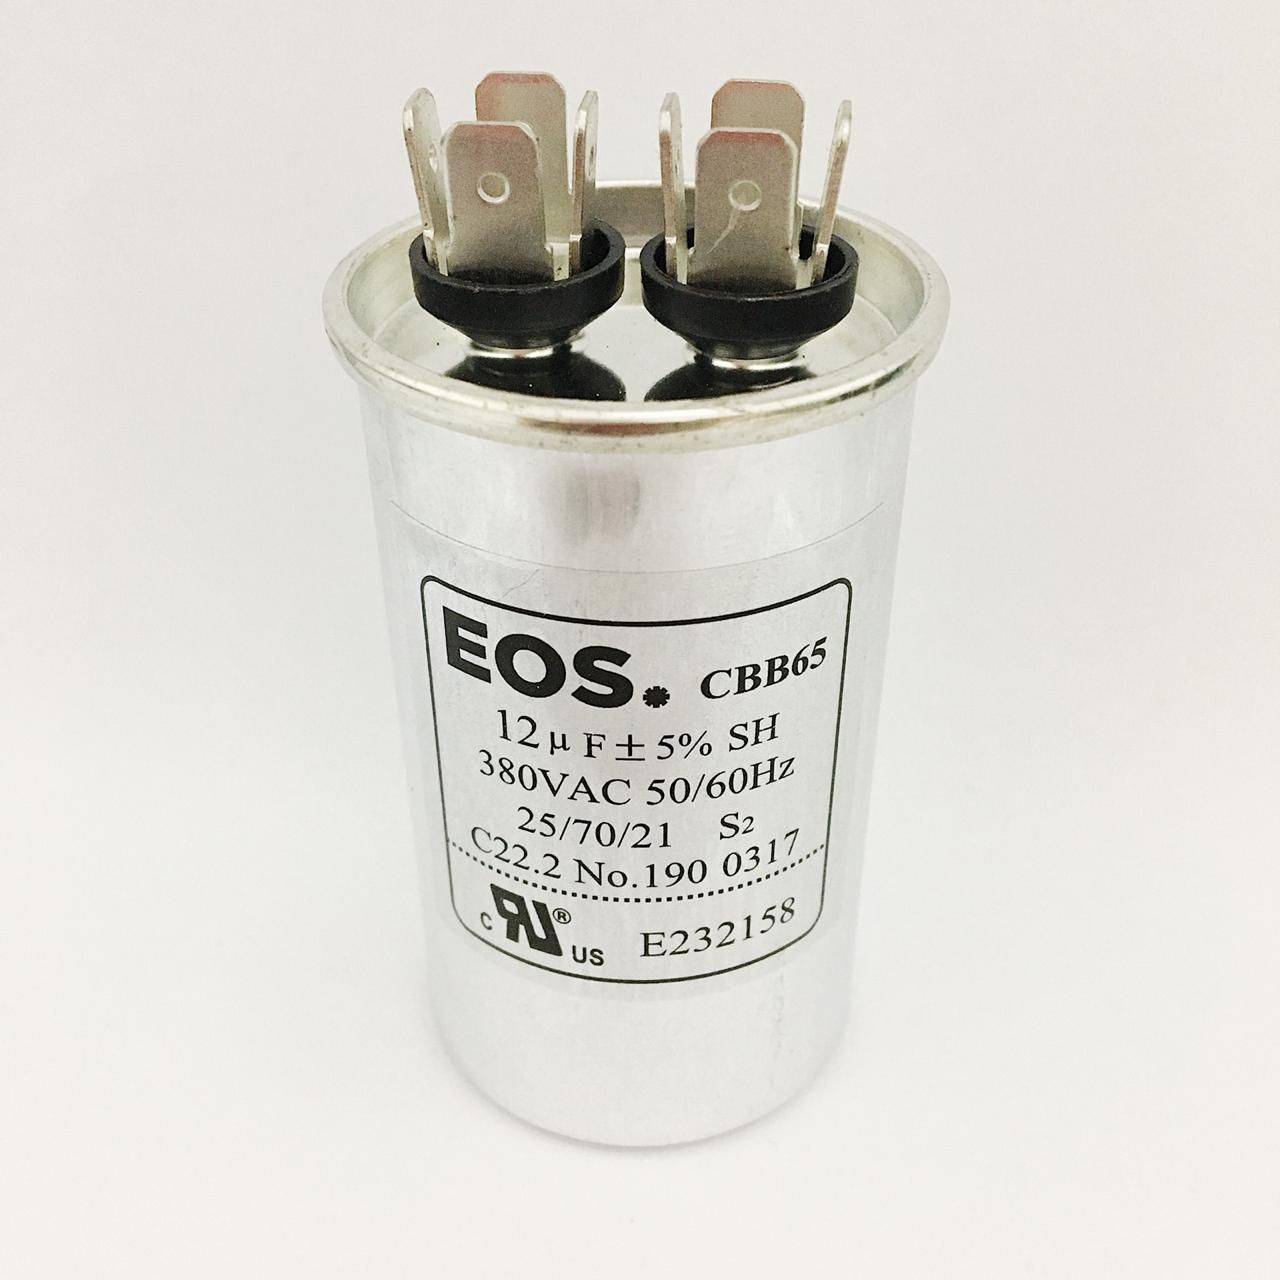 Capacitor EOS 12 MFD 380V 50/60Hz